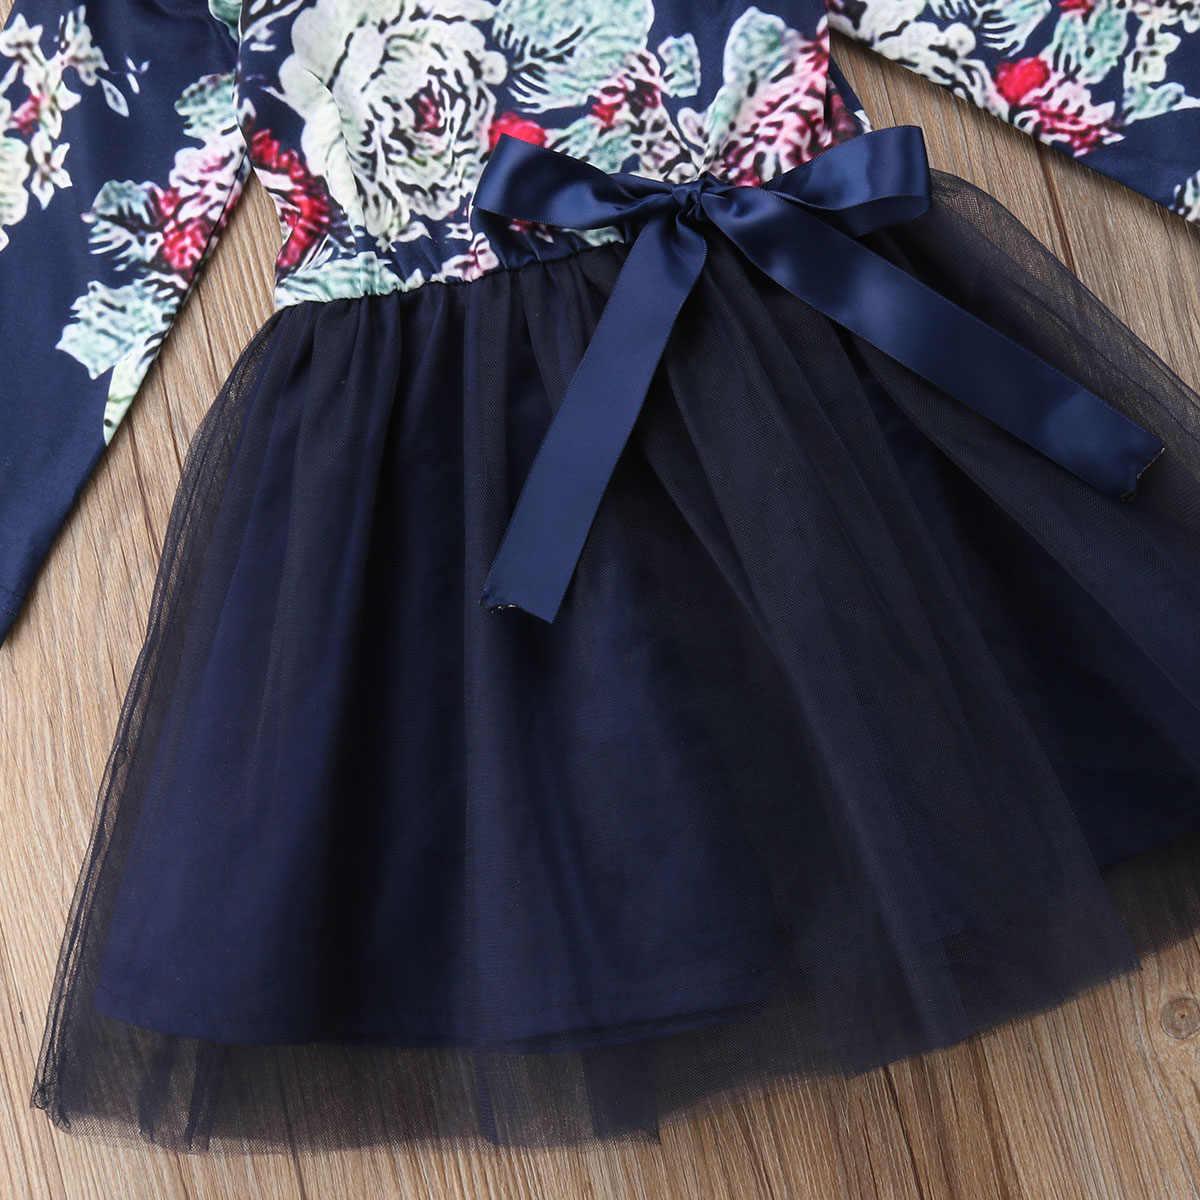 Grote/Zusje Bijpassende Jurk Pasgeboren Baby Meisje Bloemen Patroon Ruches Lange Mouwen Tule Jurk Outfits